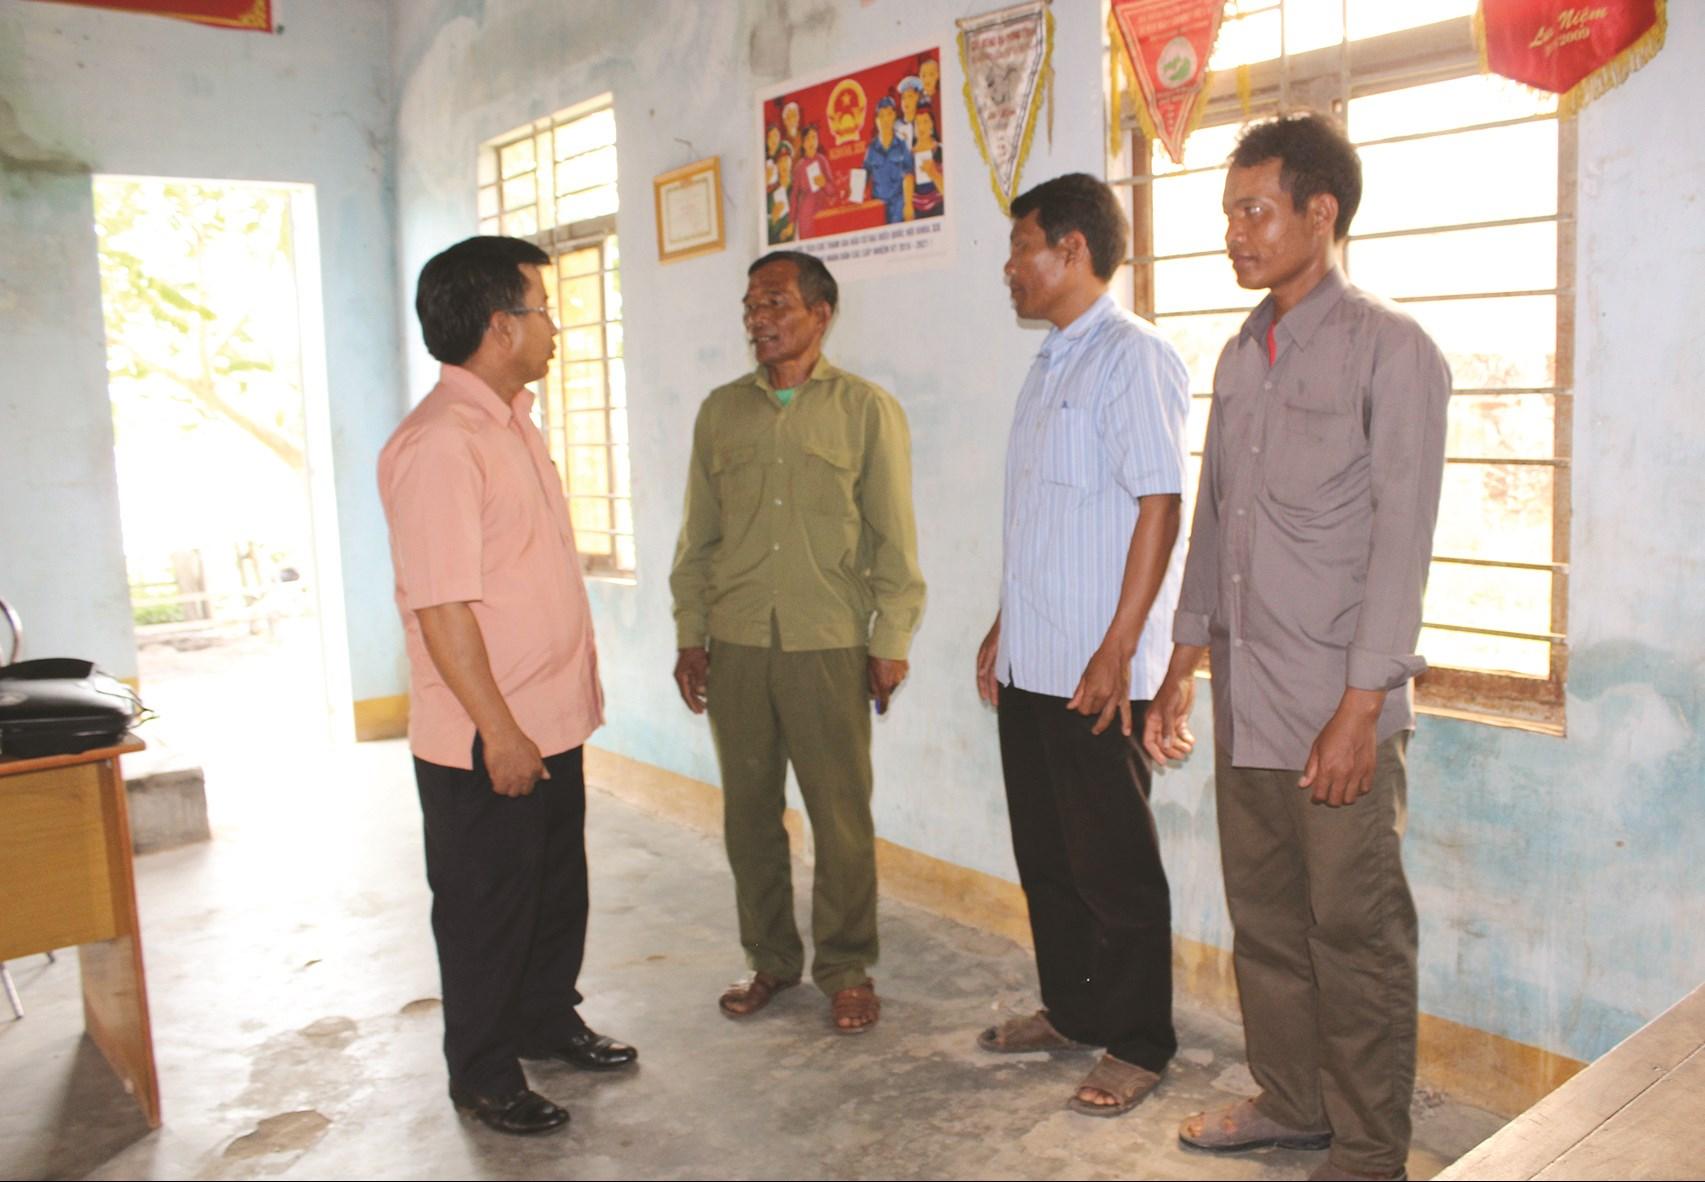 Chính quyền thăm hỏi người dân ở buôn cách mạng Hang Ya, Yang King, xã Bông Krang, huyện Lăk (Đăk Lăk)